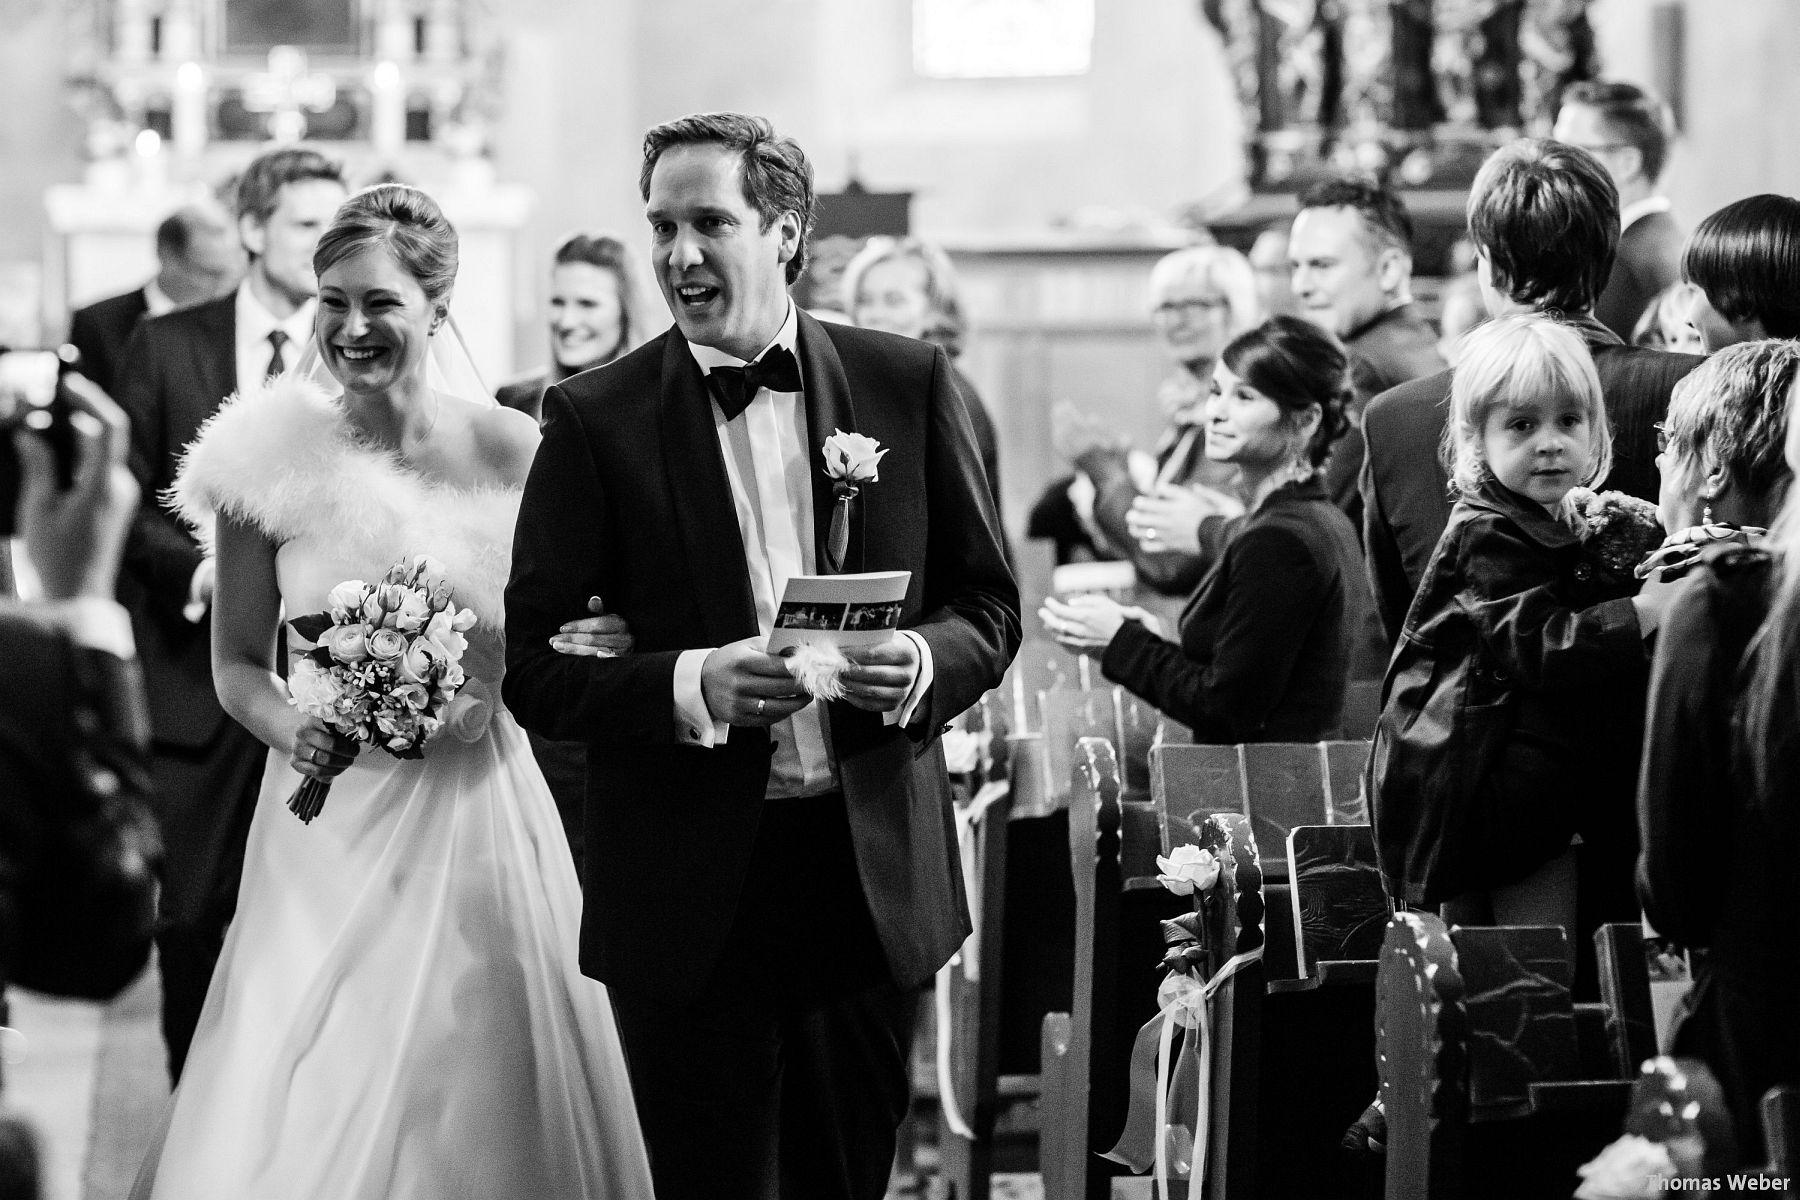 Hochzeitsfotograf Rastede: Kirchliche Trauung in der St. Ulrichs Kirche Rastede und Hochzeitsfeier in der Eventscheune St Georg Rastede mit dem Catering von Split Food (Michael Niebuhr) aus Oldenburg (32)